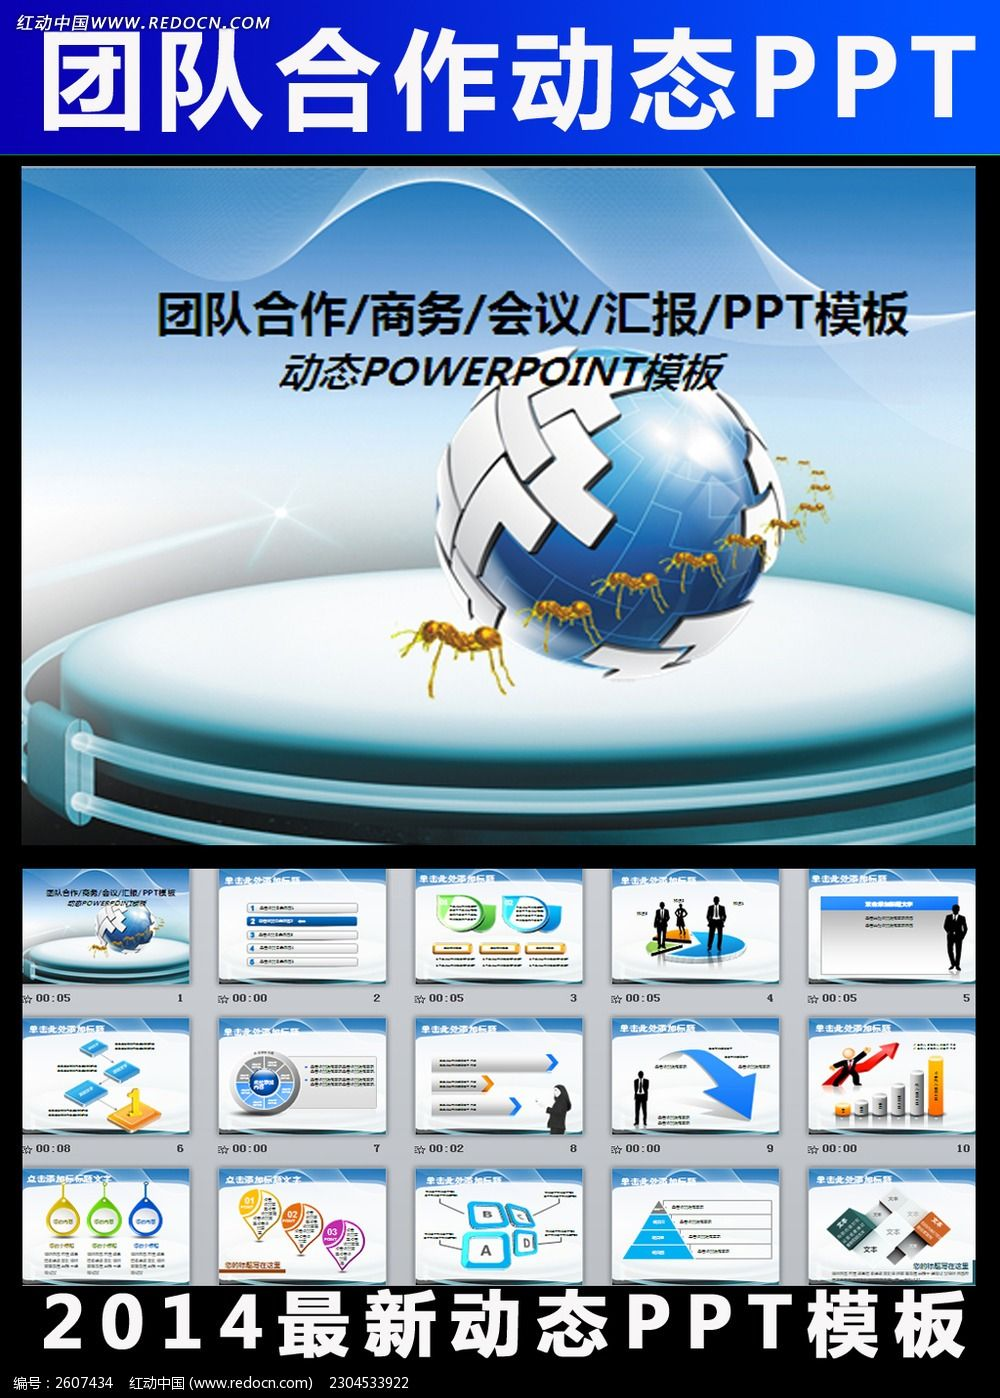 商务贸易会议报告ppt模板图片